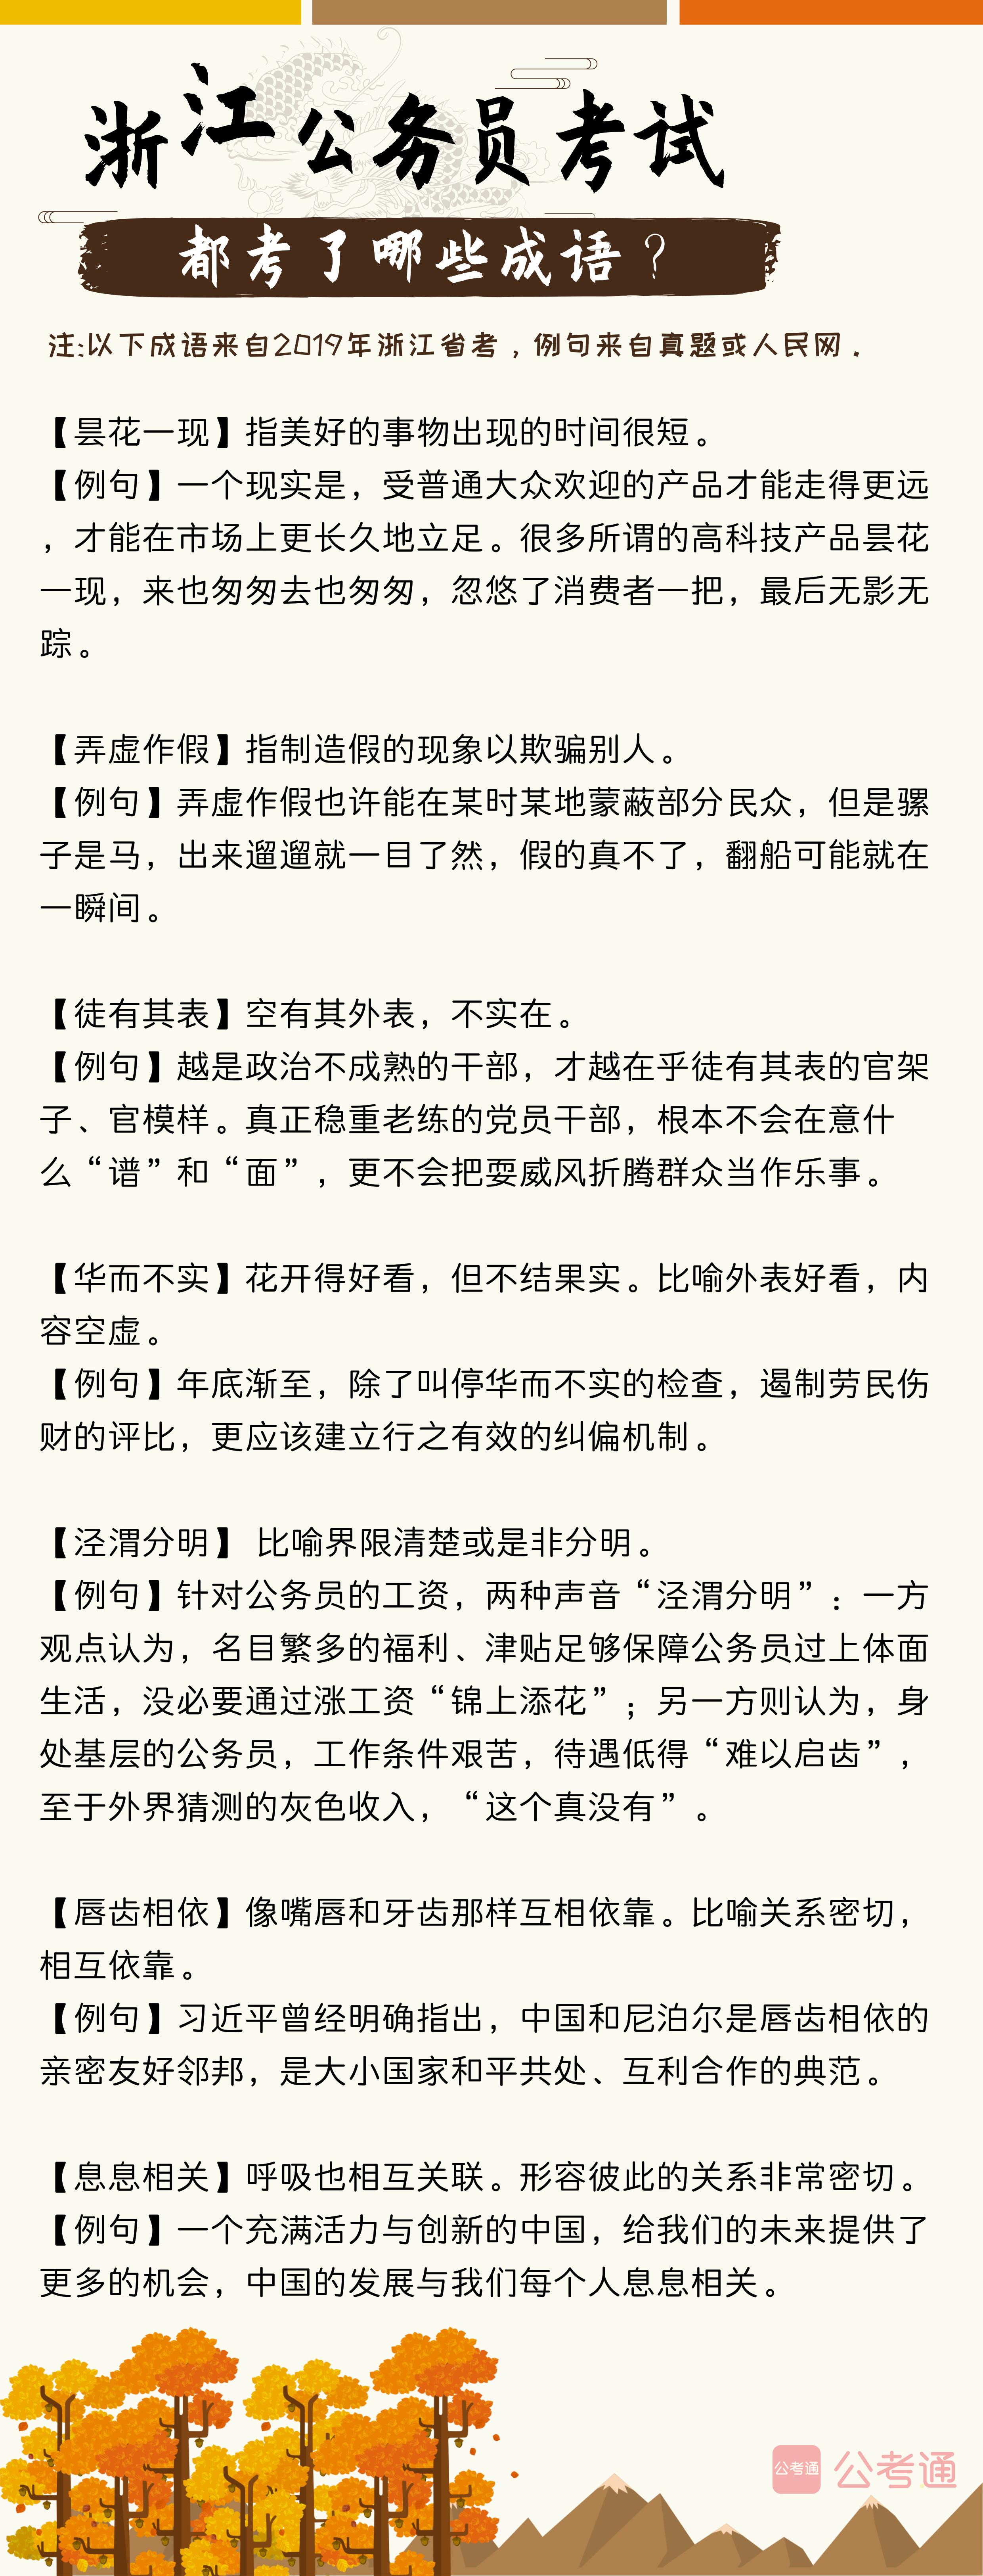 考点梳理!往年浙江公务员考试都考了哪些成语(上)